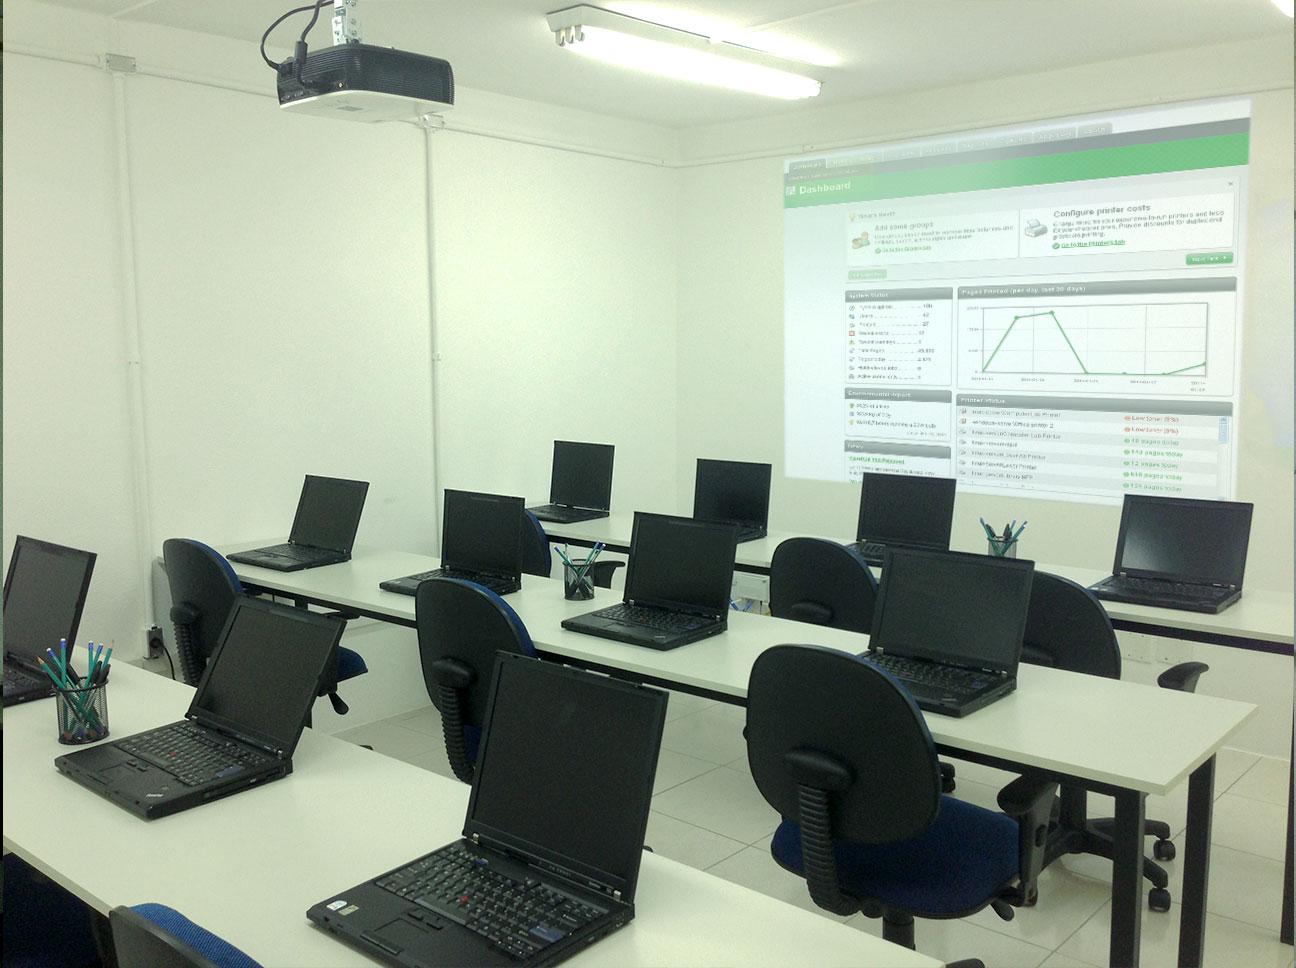 Aluguel de Laboratório de Informática